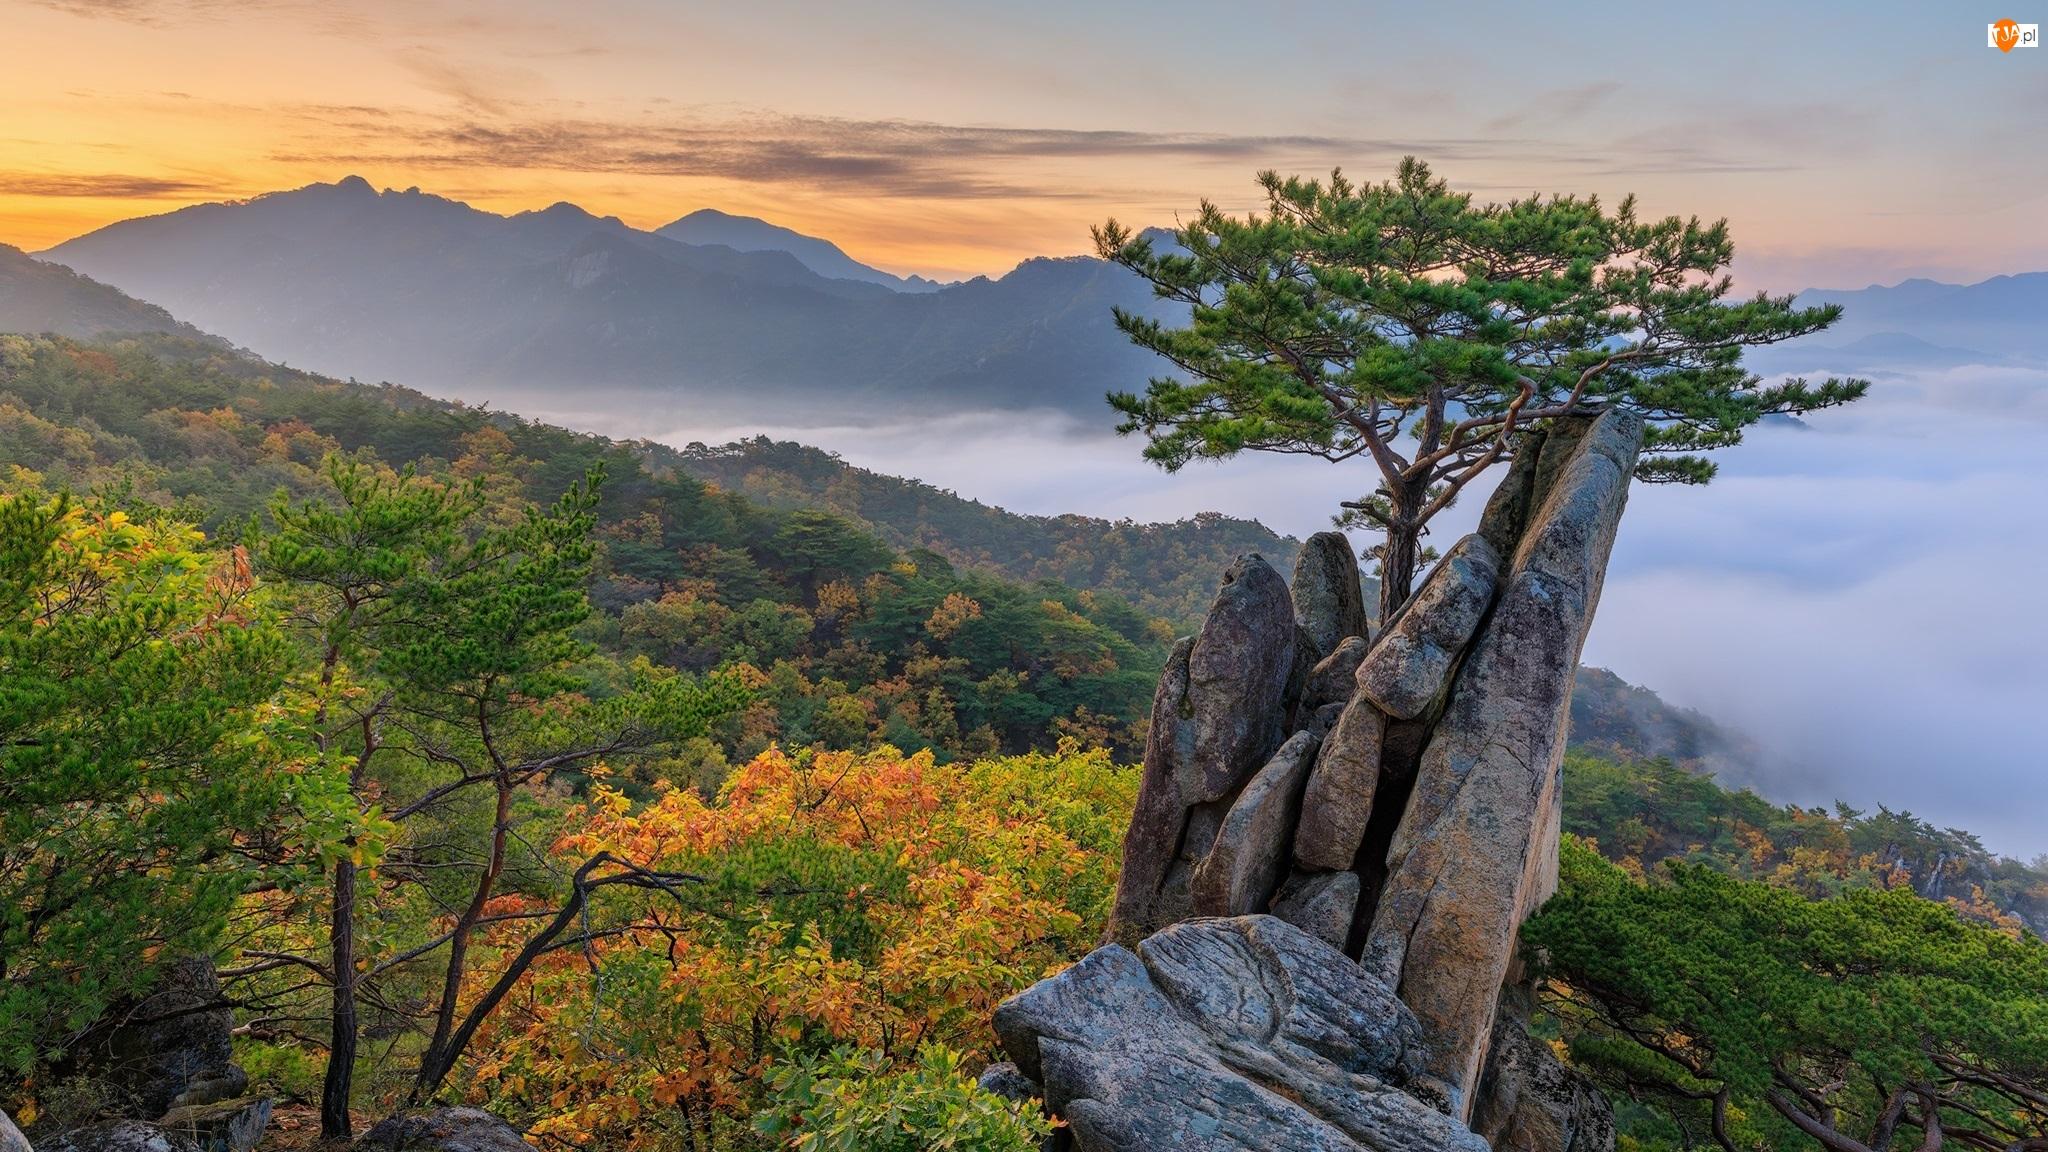 Góry, Skały, Sosna, Wschód słońca, Drzewo, Chmury, Mgła